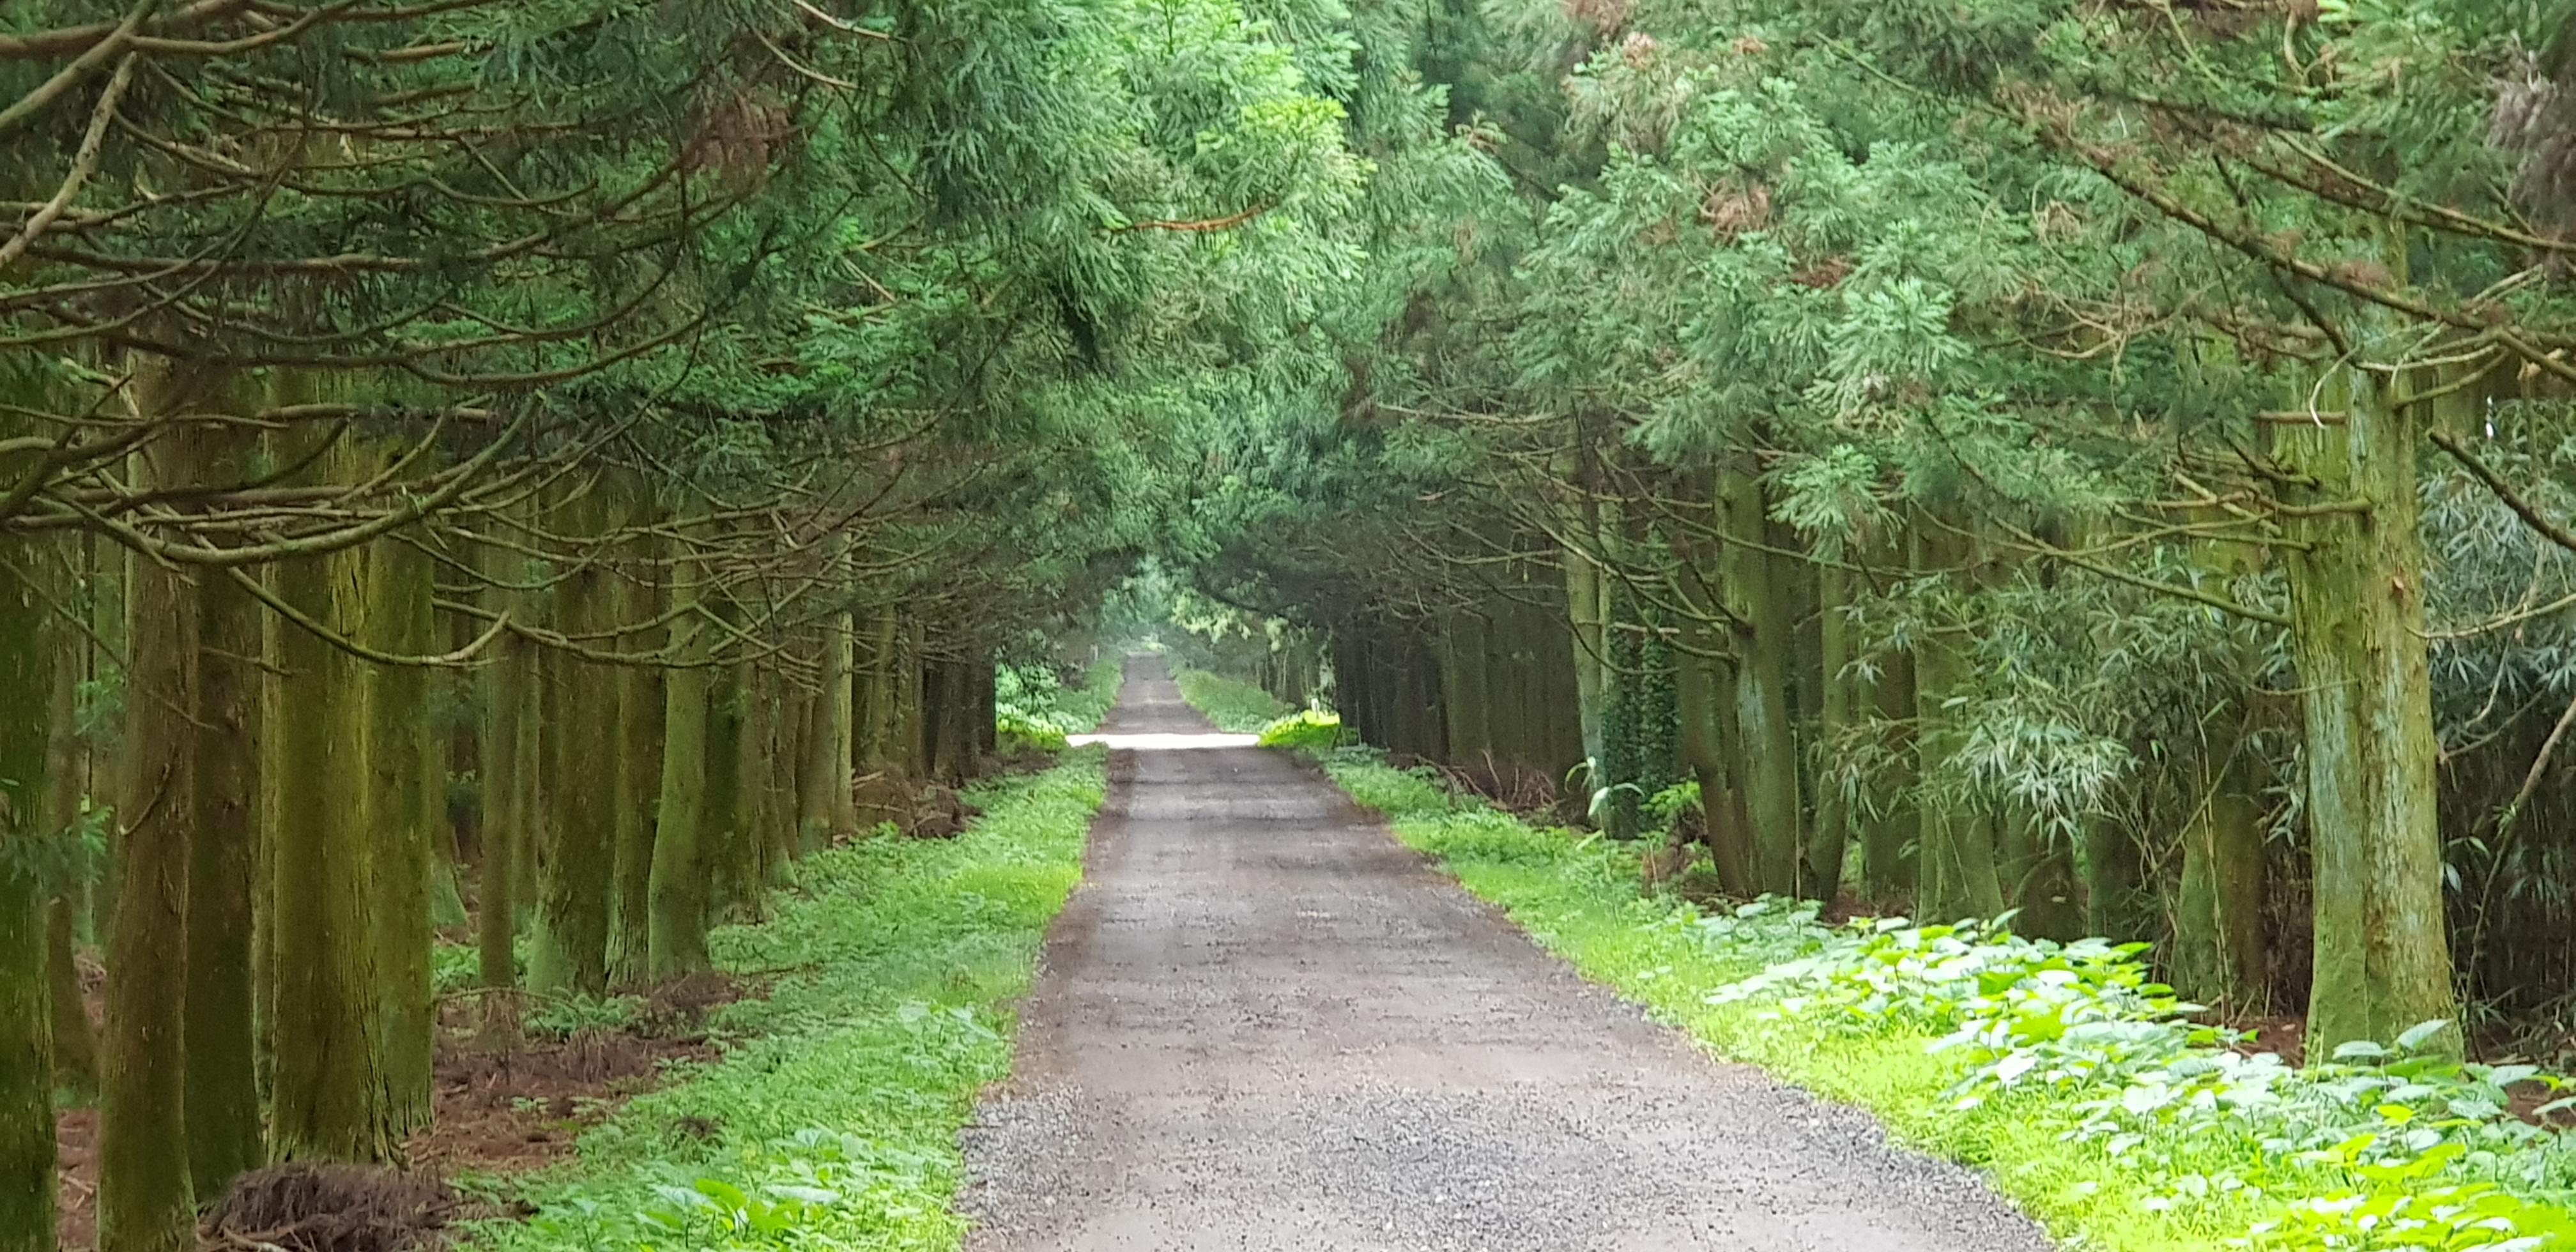 쭉 뻗은 삼나무 숲길을 걸었습니다 - 송당 민오름...